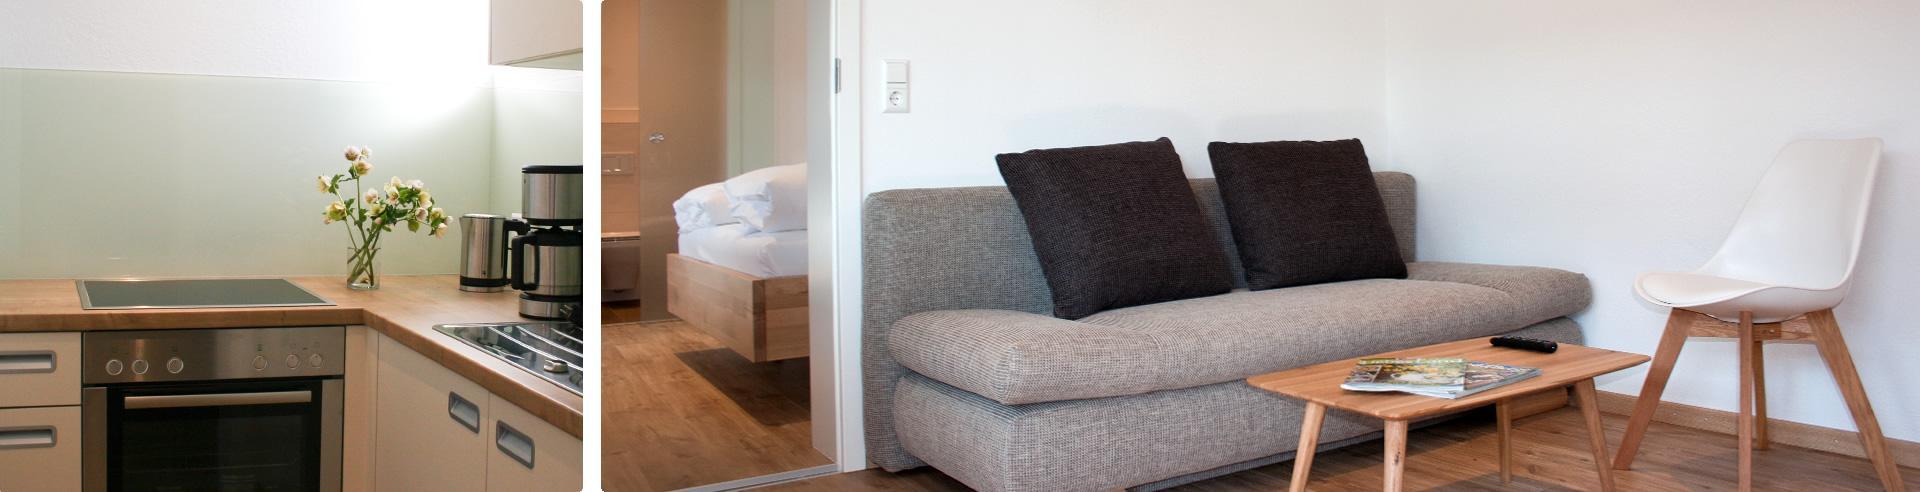 Ferienkomfort: Appartement mit Wohnzimmer und seperater Küche